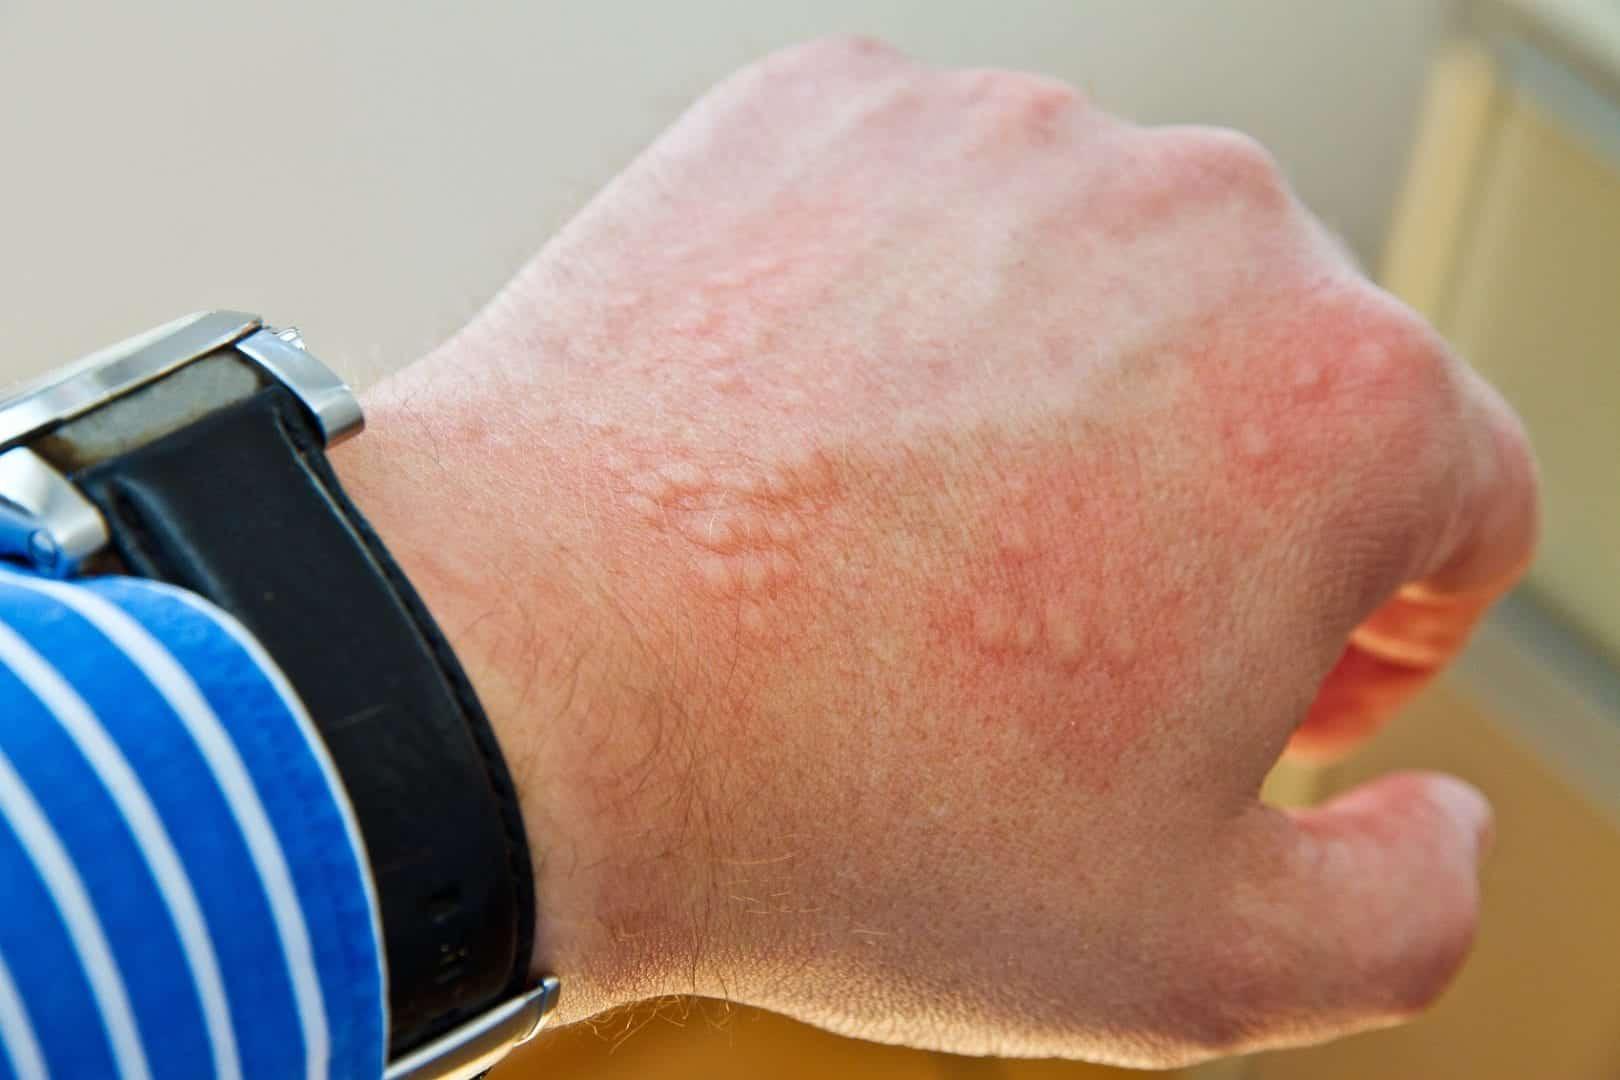 Confira agora as 10 doenças que podem causar mancha vermelha na pele